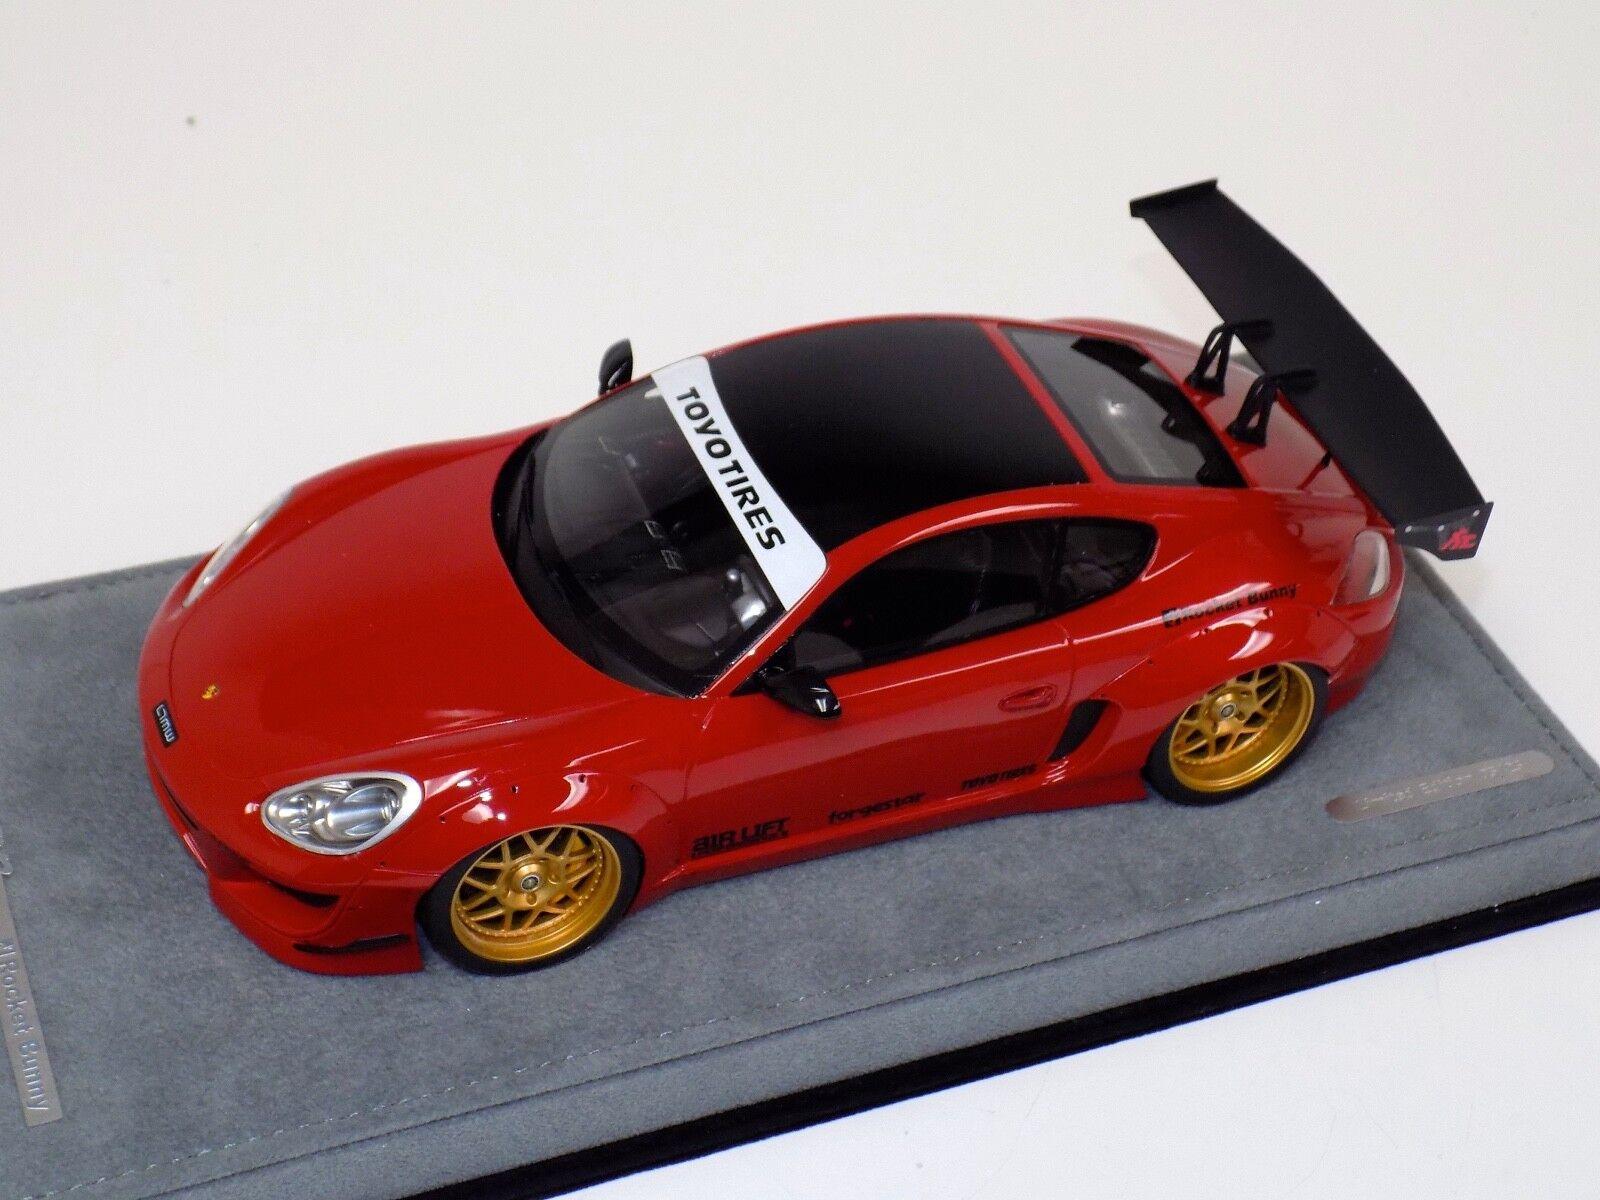 ab modelos Porsche Cayman cohete Bunny Gloss Rojo en la base Alcántara